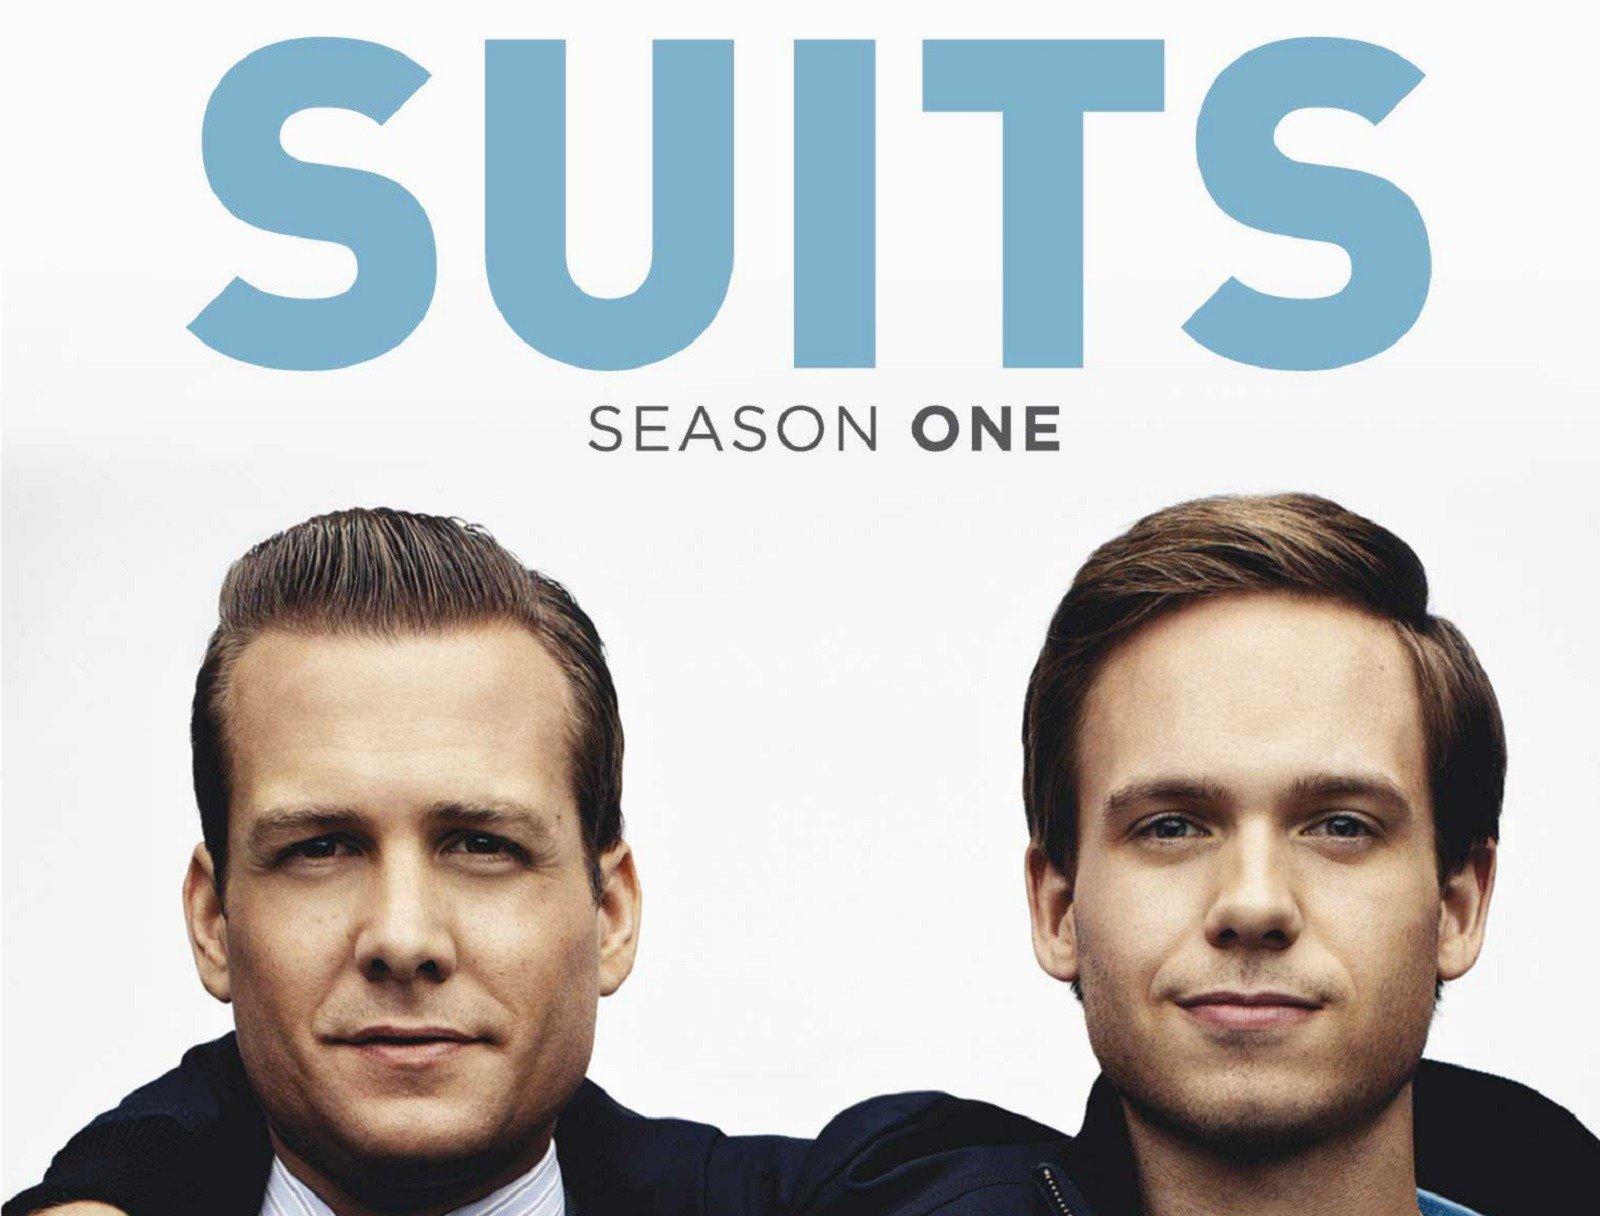 Suits [OV] - Staffel 1 online schauen und streamen bei Amazon ...